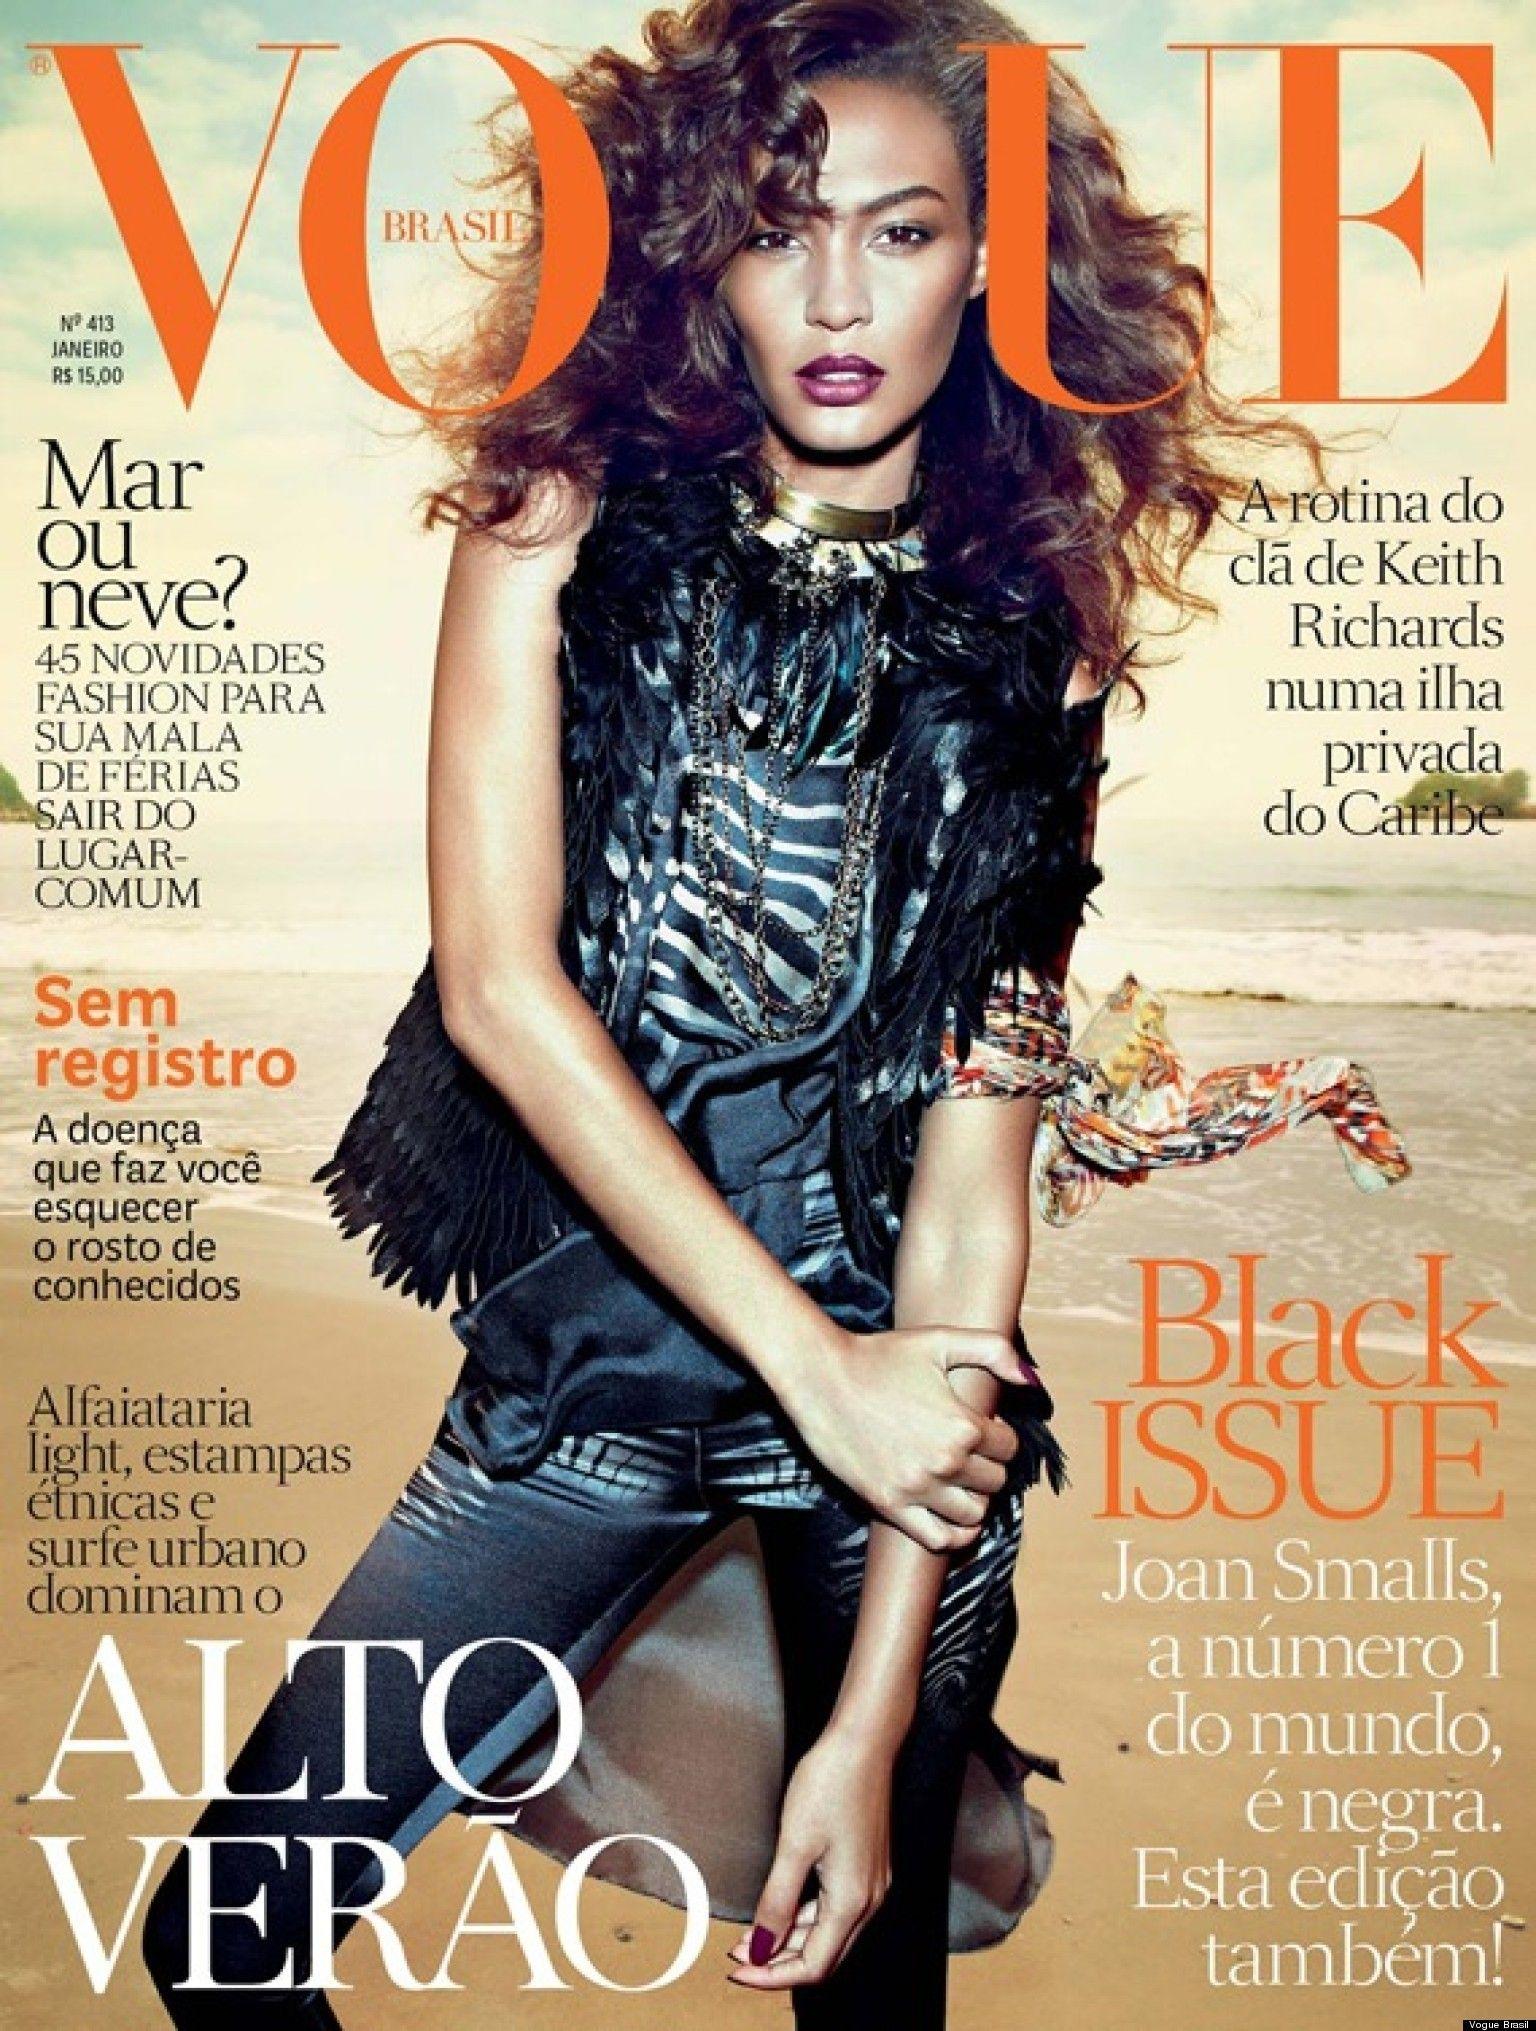 b7dcaf24adcef JOAN SMALLS ON VOGUE COVER   ♥ VOGUE ♥   Pinterest   Vogue, Vogue ...